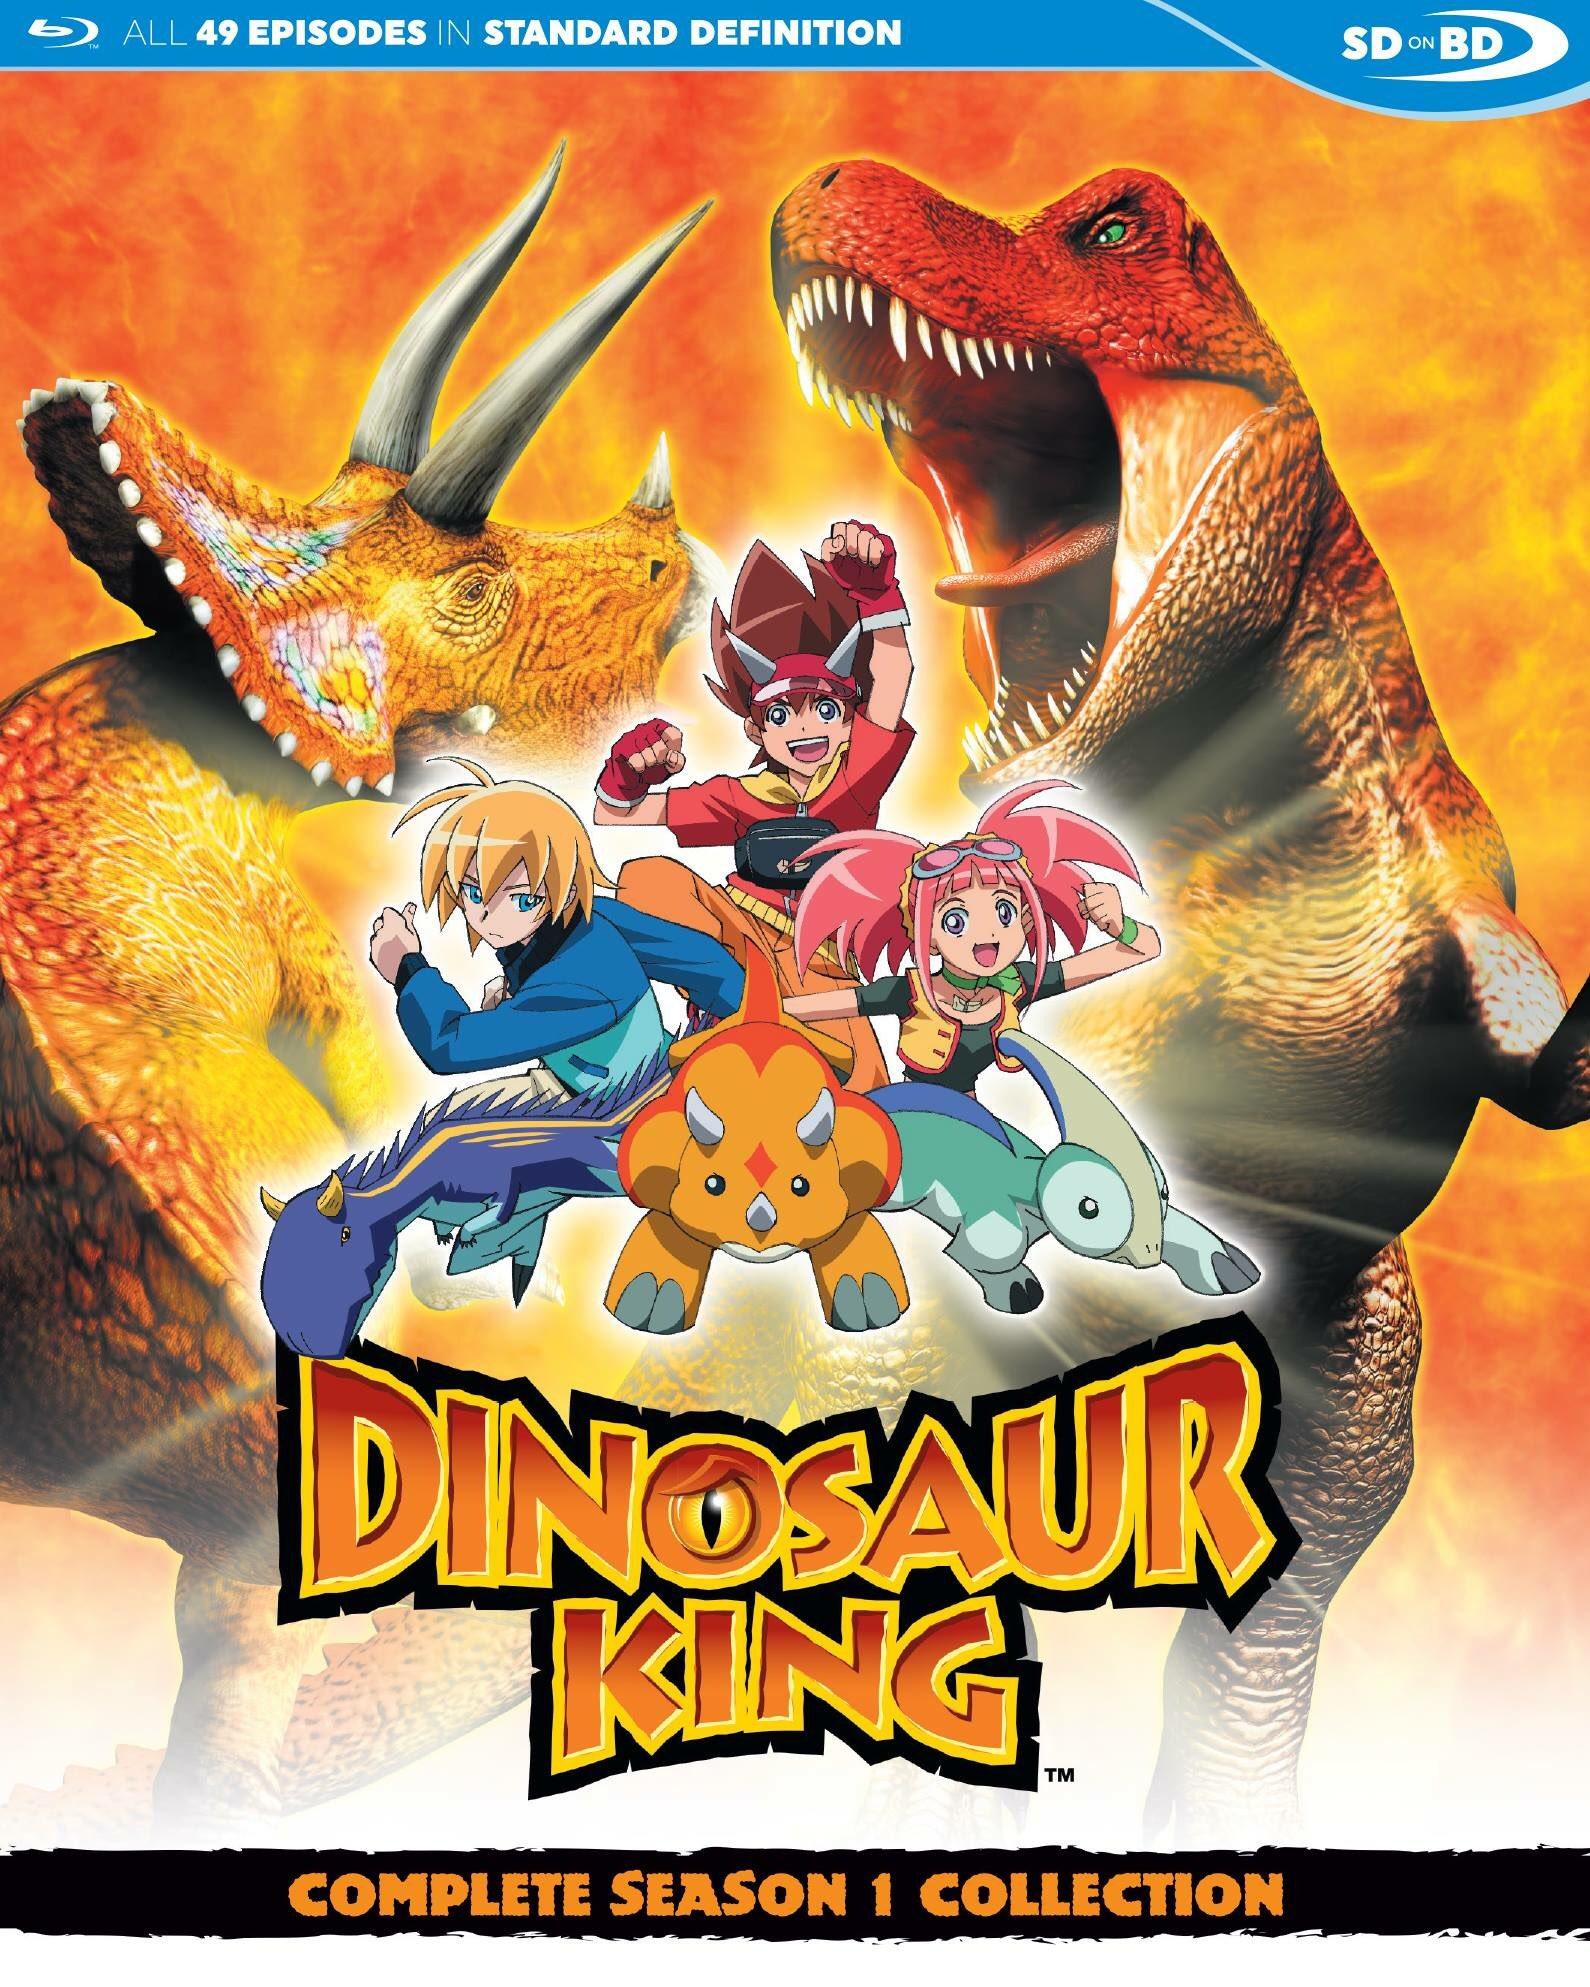 Dinosaur King (160Movies Human Style) | The Parody Wiki